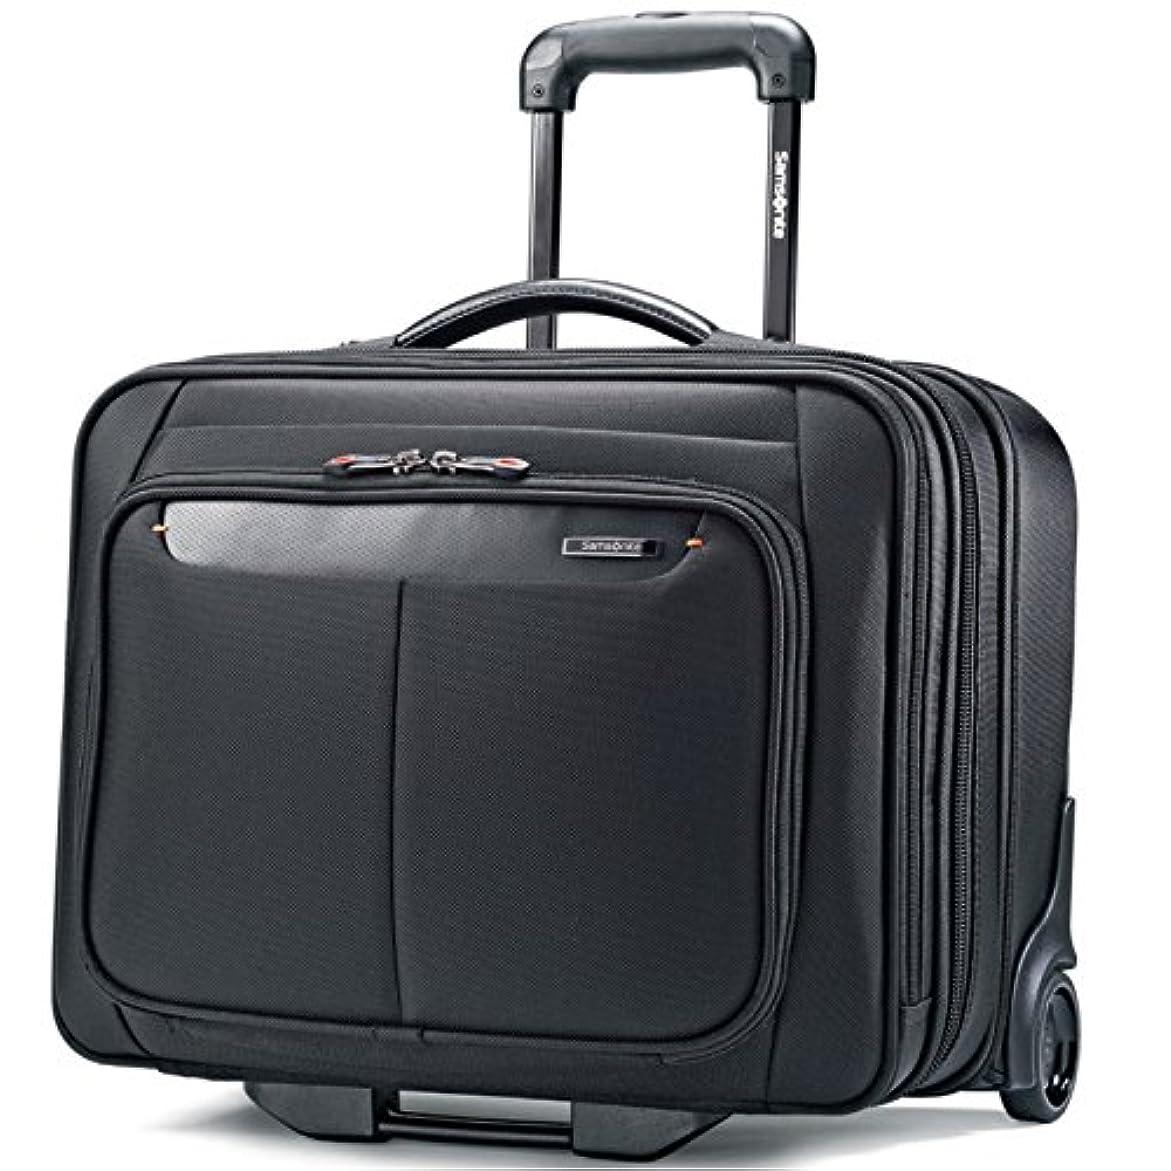 災害あたり付与JETEDC(ジェットイデイシイ)Molle スーツケースベルト 荷崩れ防止 調整可能